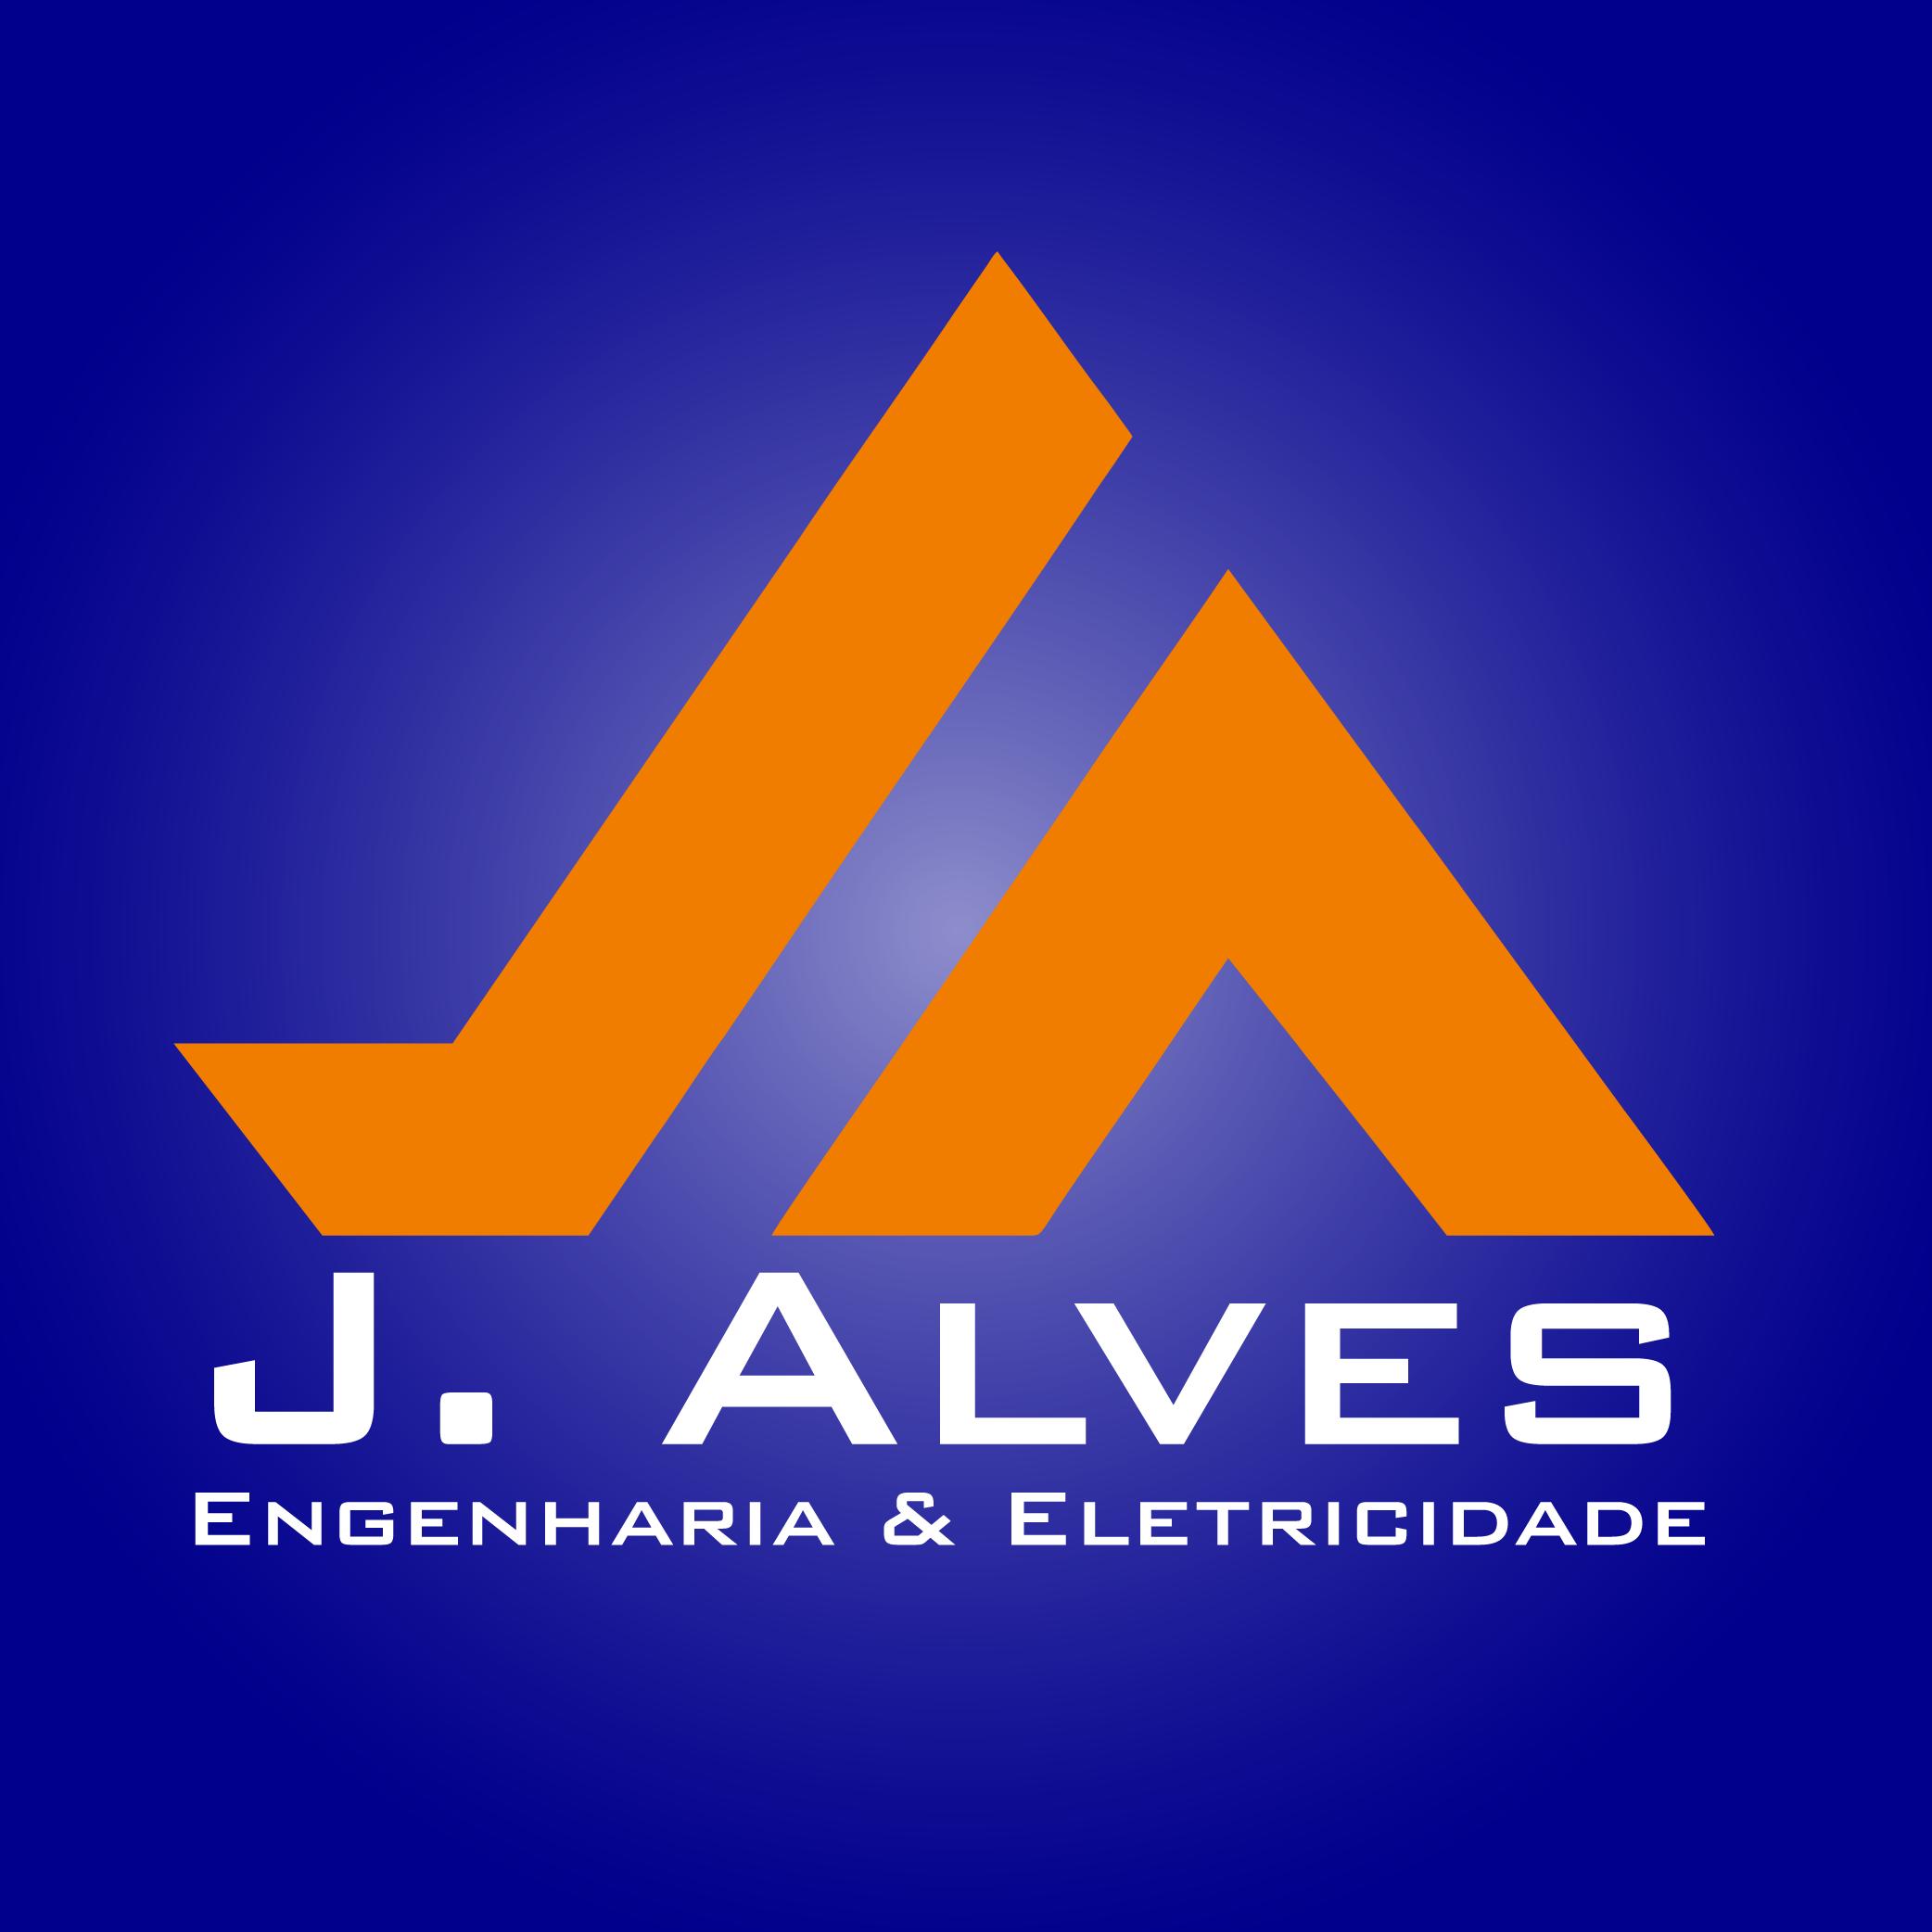 J. ALVES ENGENHARIA E ELETRICIDADE